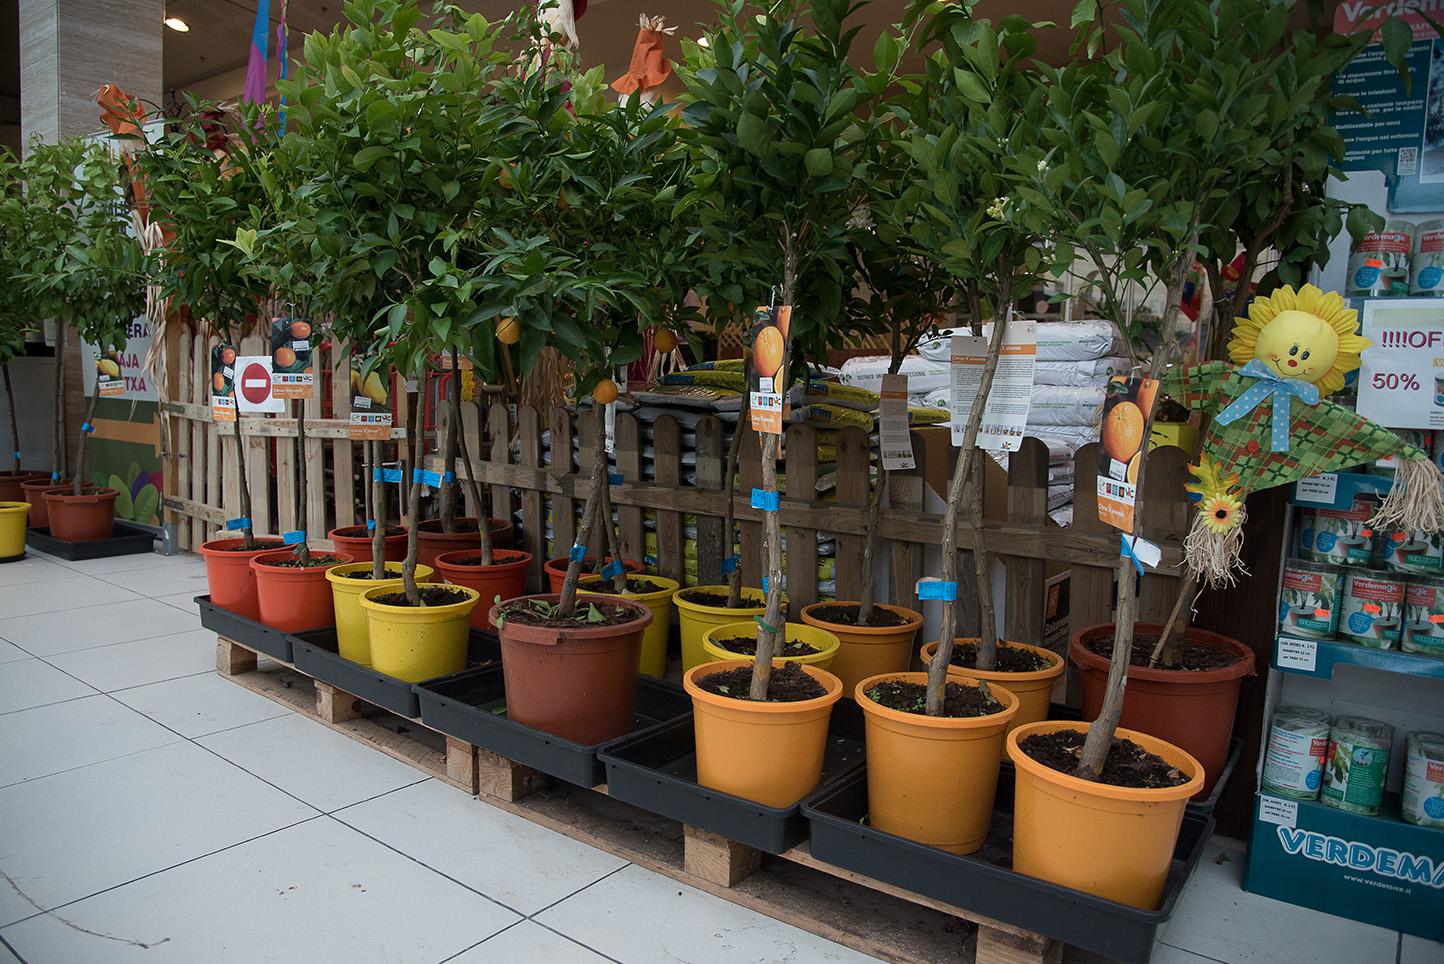 Centro de jardinería Gorbeia - Frutales